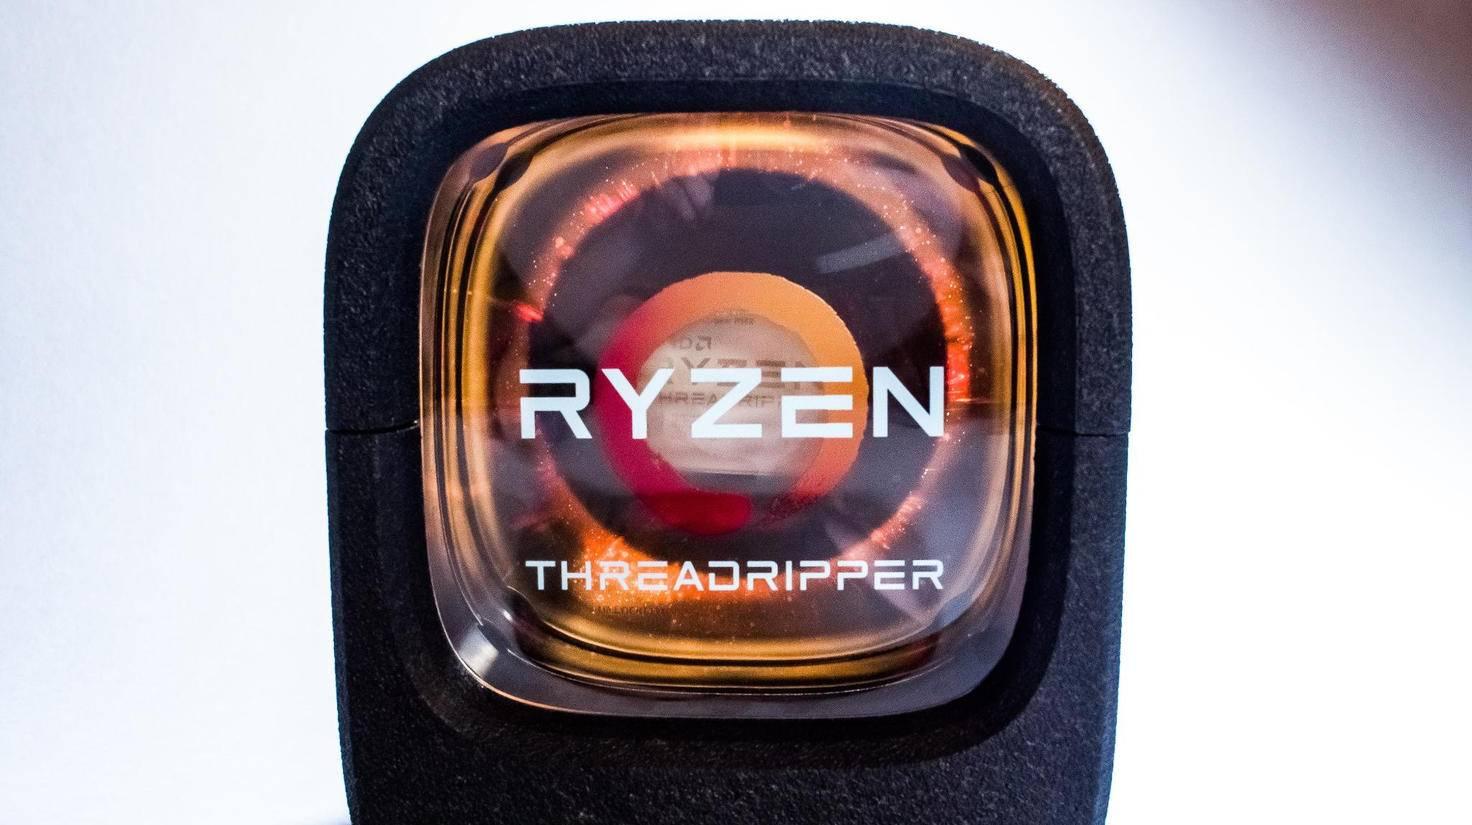 Der Ryzen Threadripper von AMD richtet sich explizit an Gamer und Streamer.